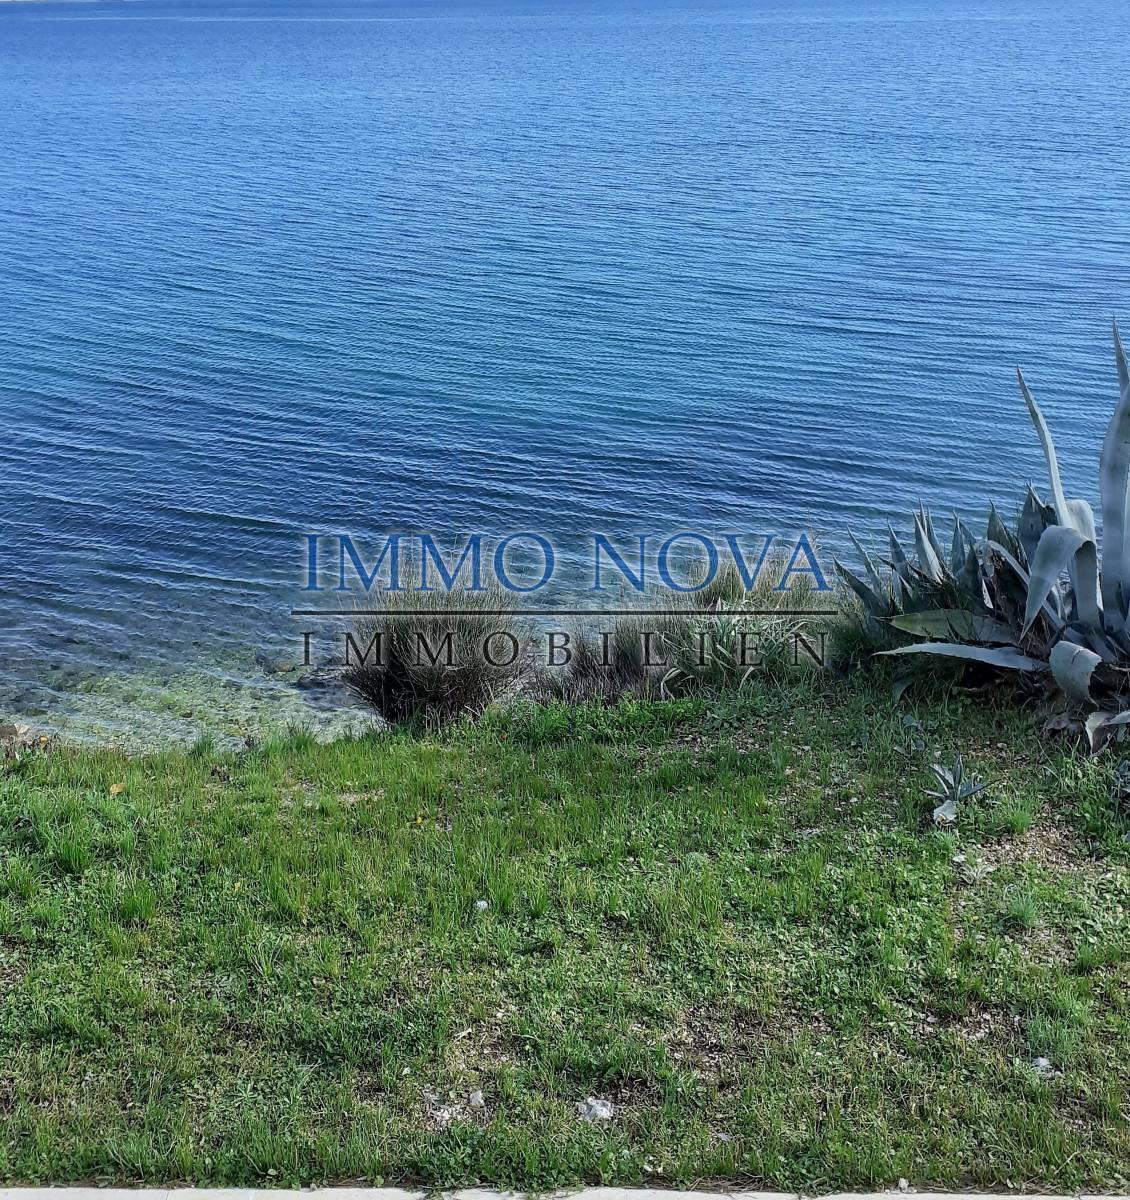 Građevinsko zemljište 1. red do mora - Trogir, okolica.